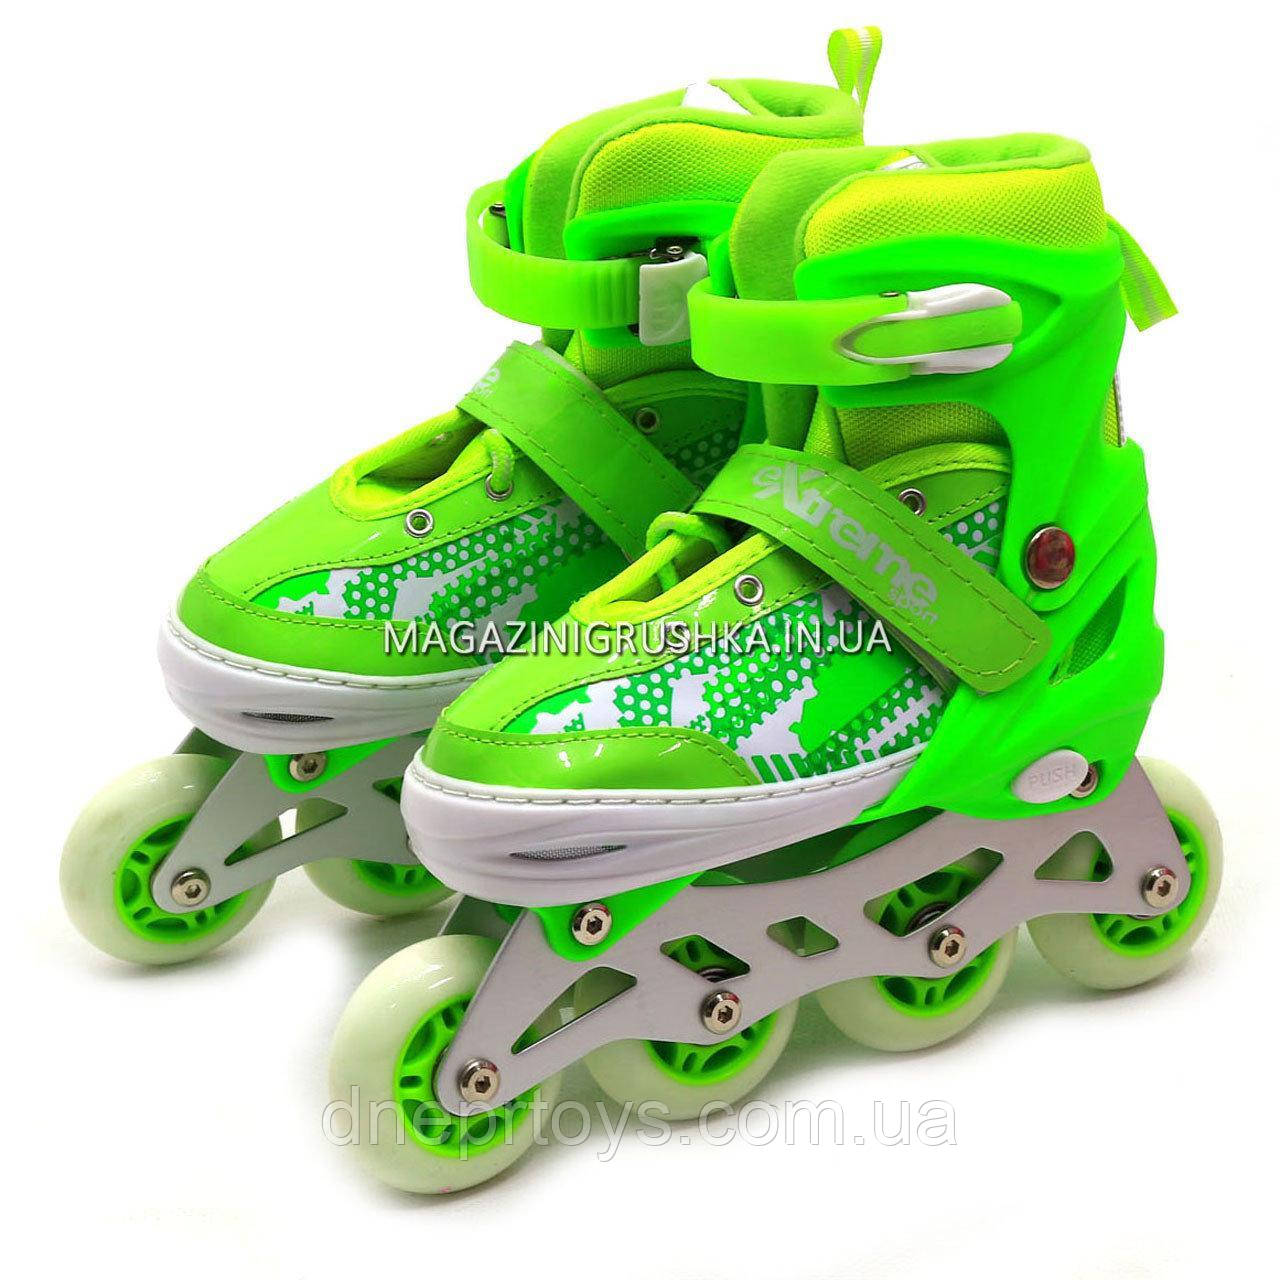 Детские ролики Салатовый (размер 35-38, металл, колёса ПУ) RS18005